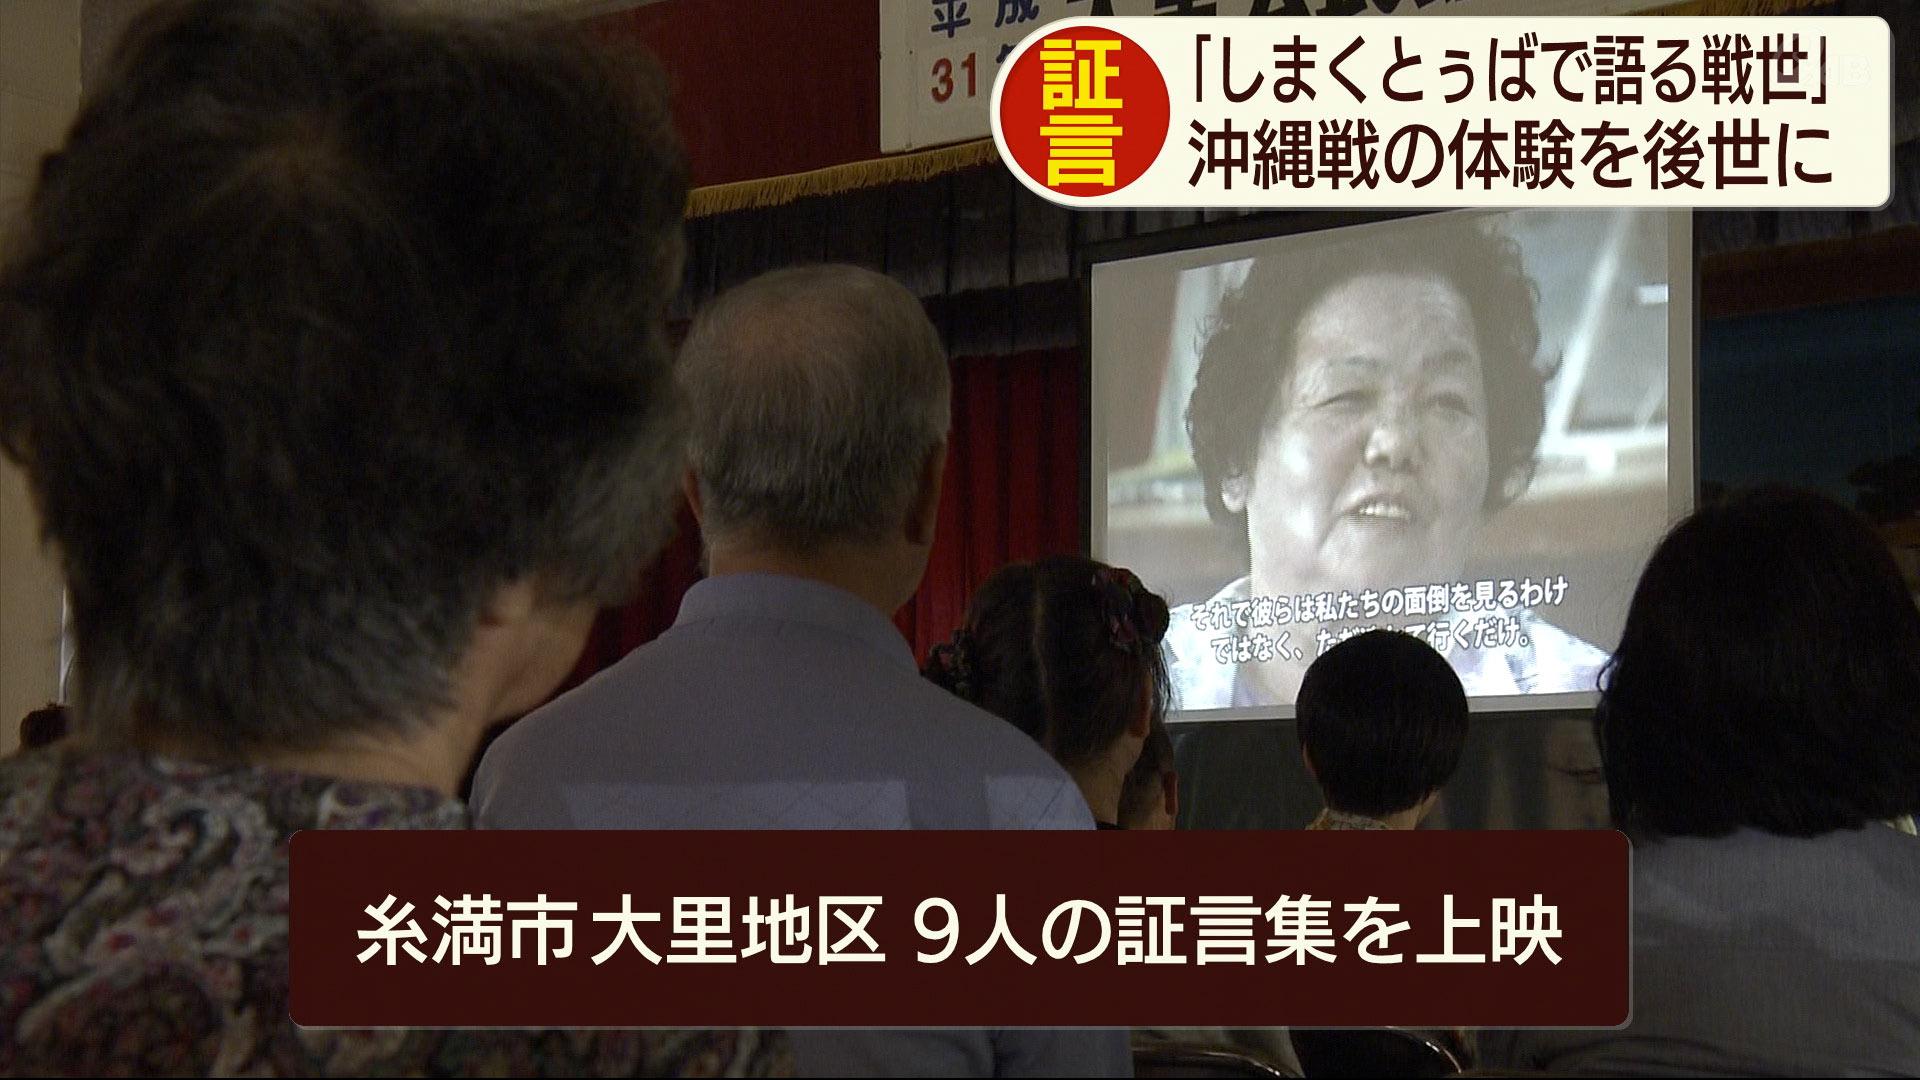 沖縄戦証言映像 しまくとぅばで語る戦世